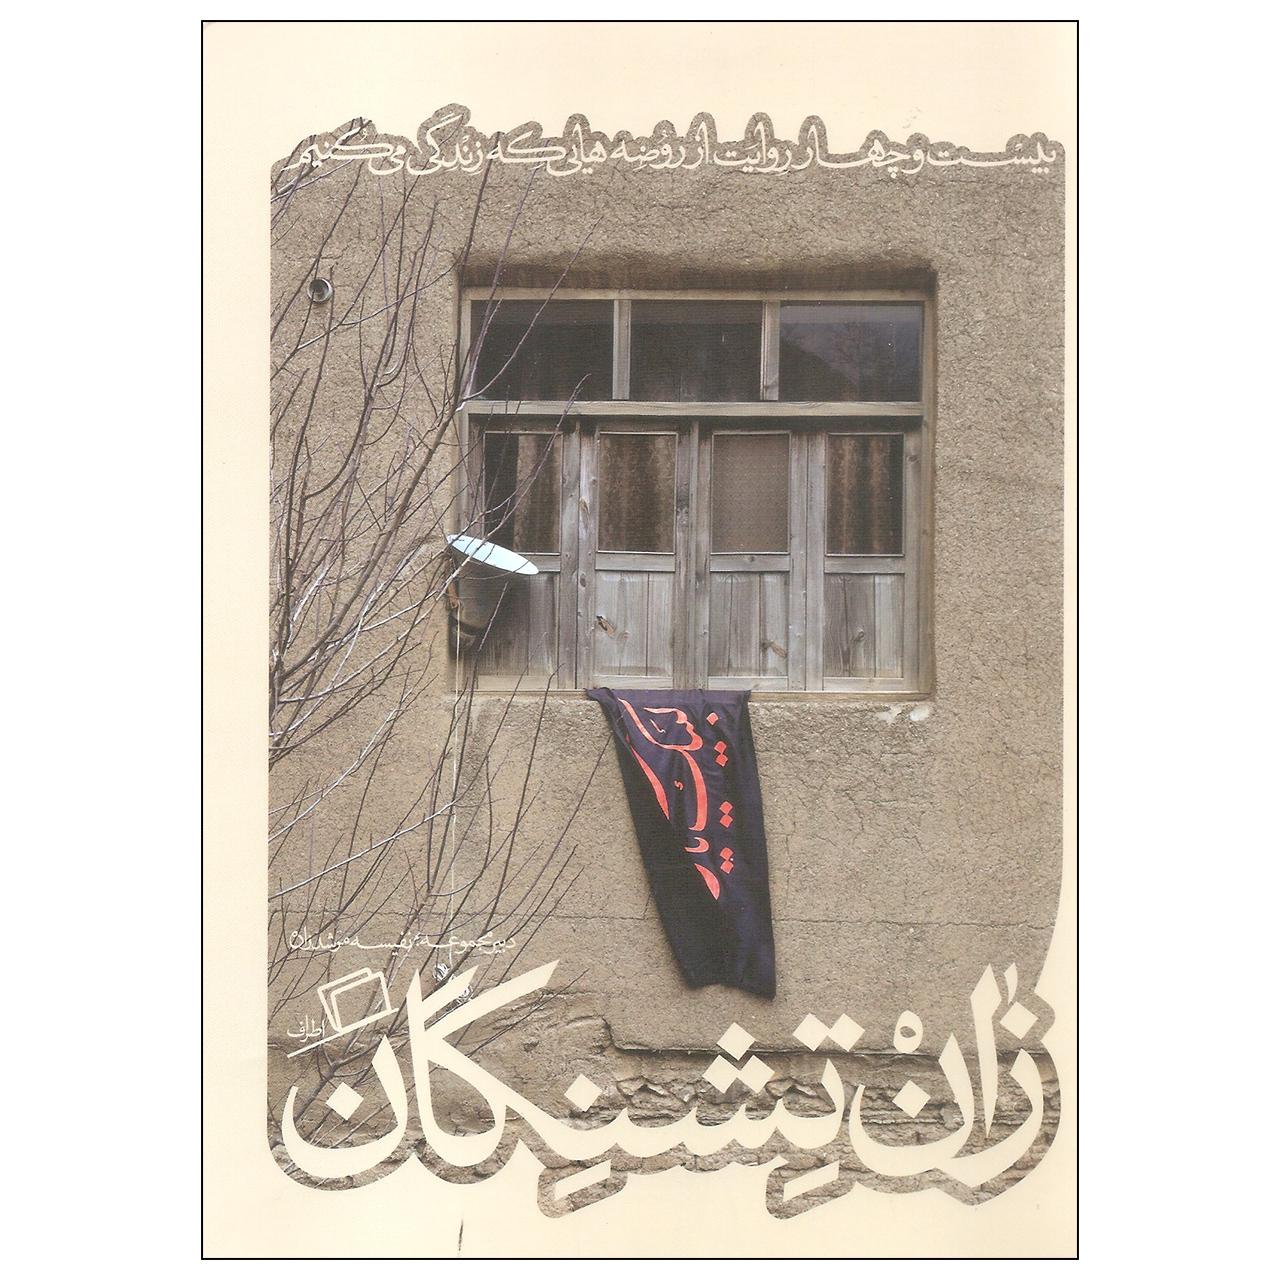 خرید                      کتاب زان تشنگان اثر نفیسه مرشدزاده نشر اطراف